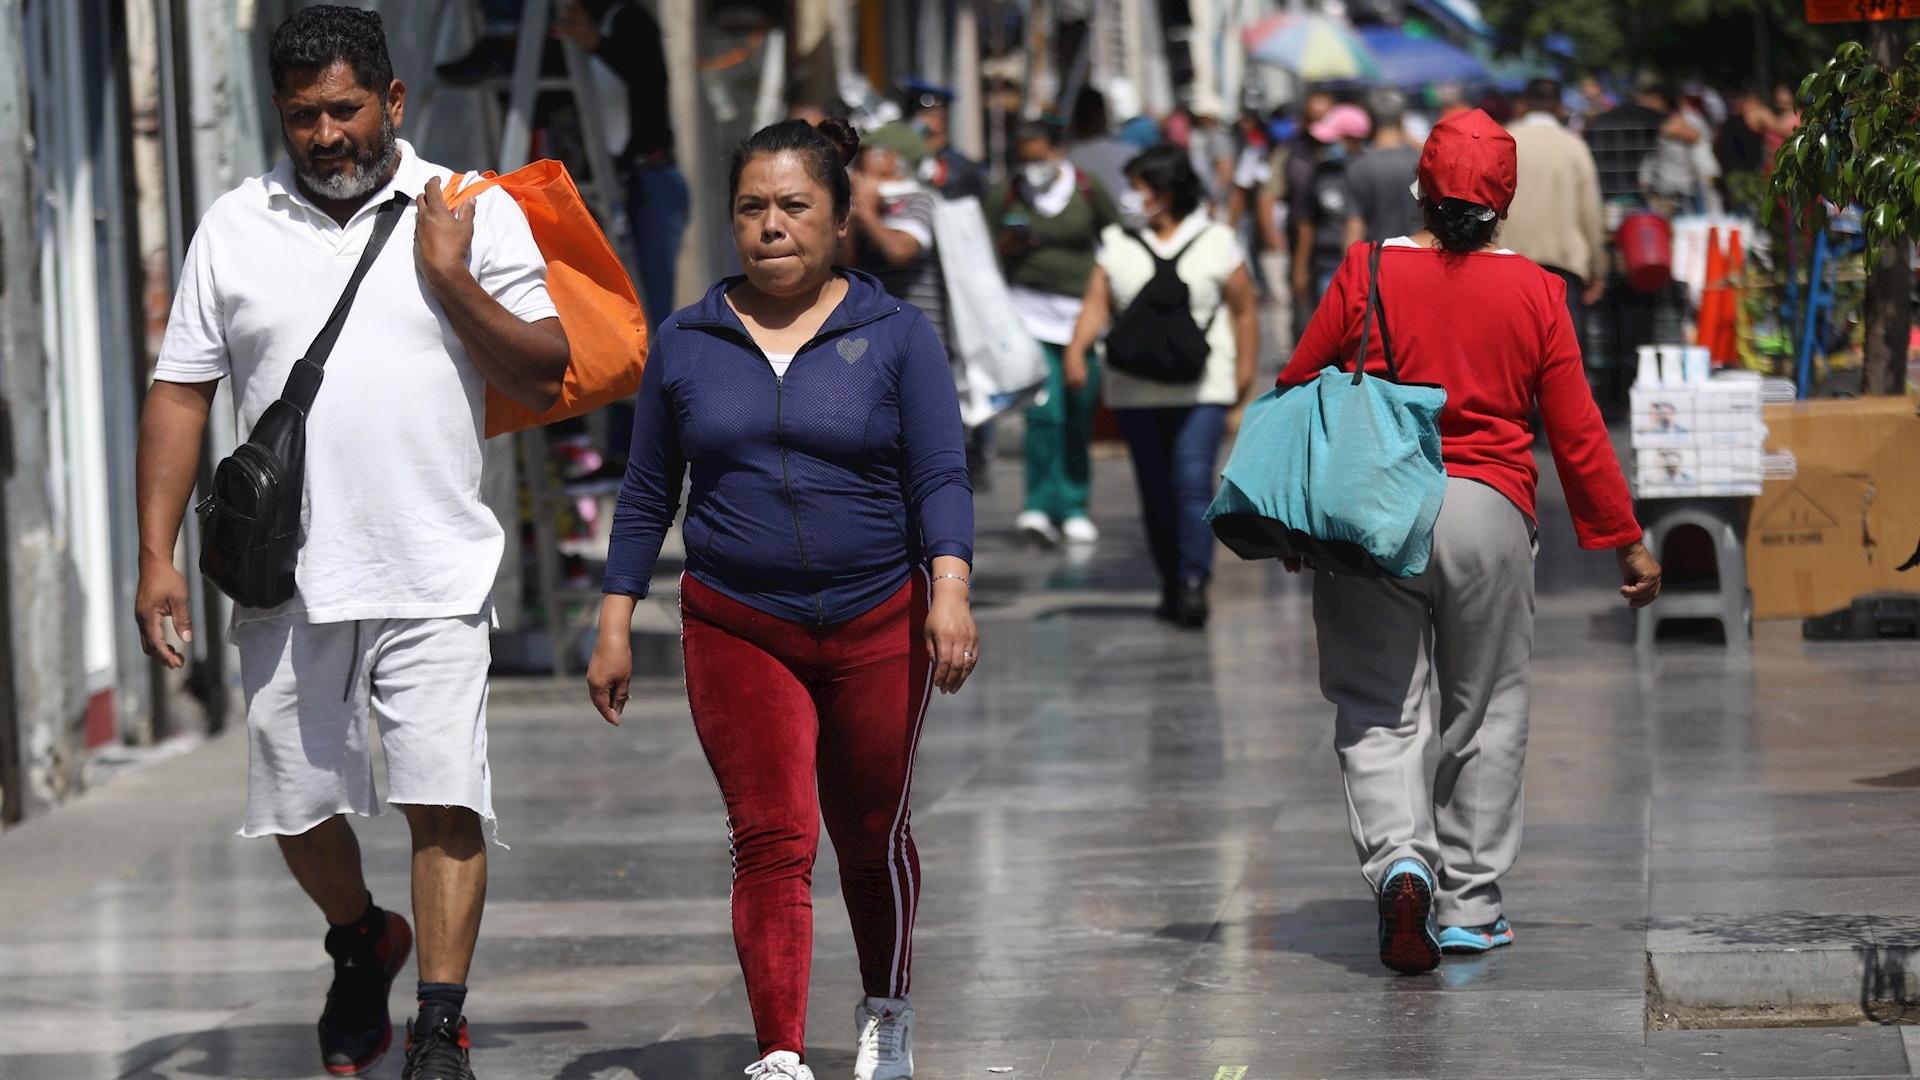 Principales indicadores del Semáforo por COVID-19 en la Ciudad de México permanecen en niveles de Verde, asegura Administración capitalina